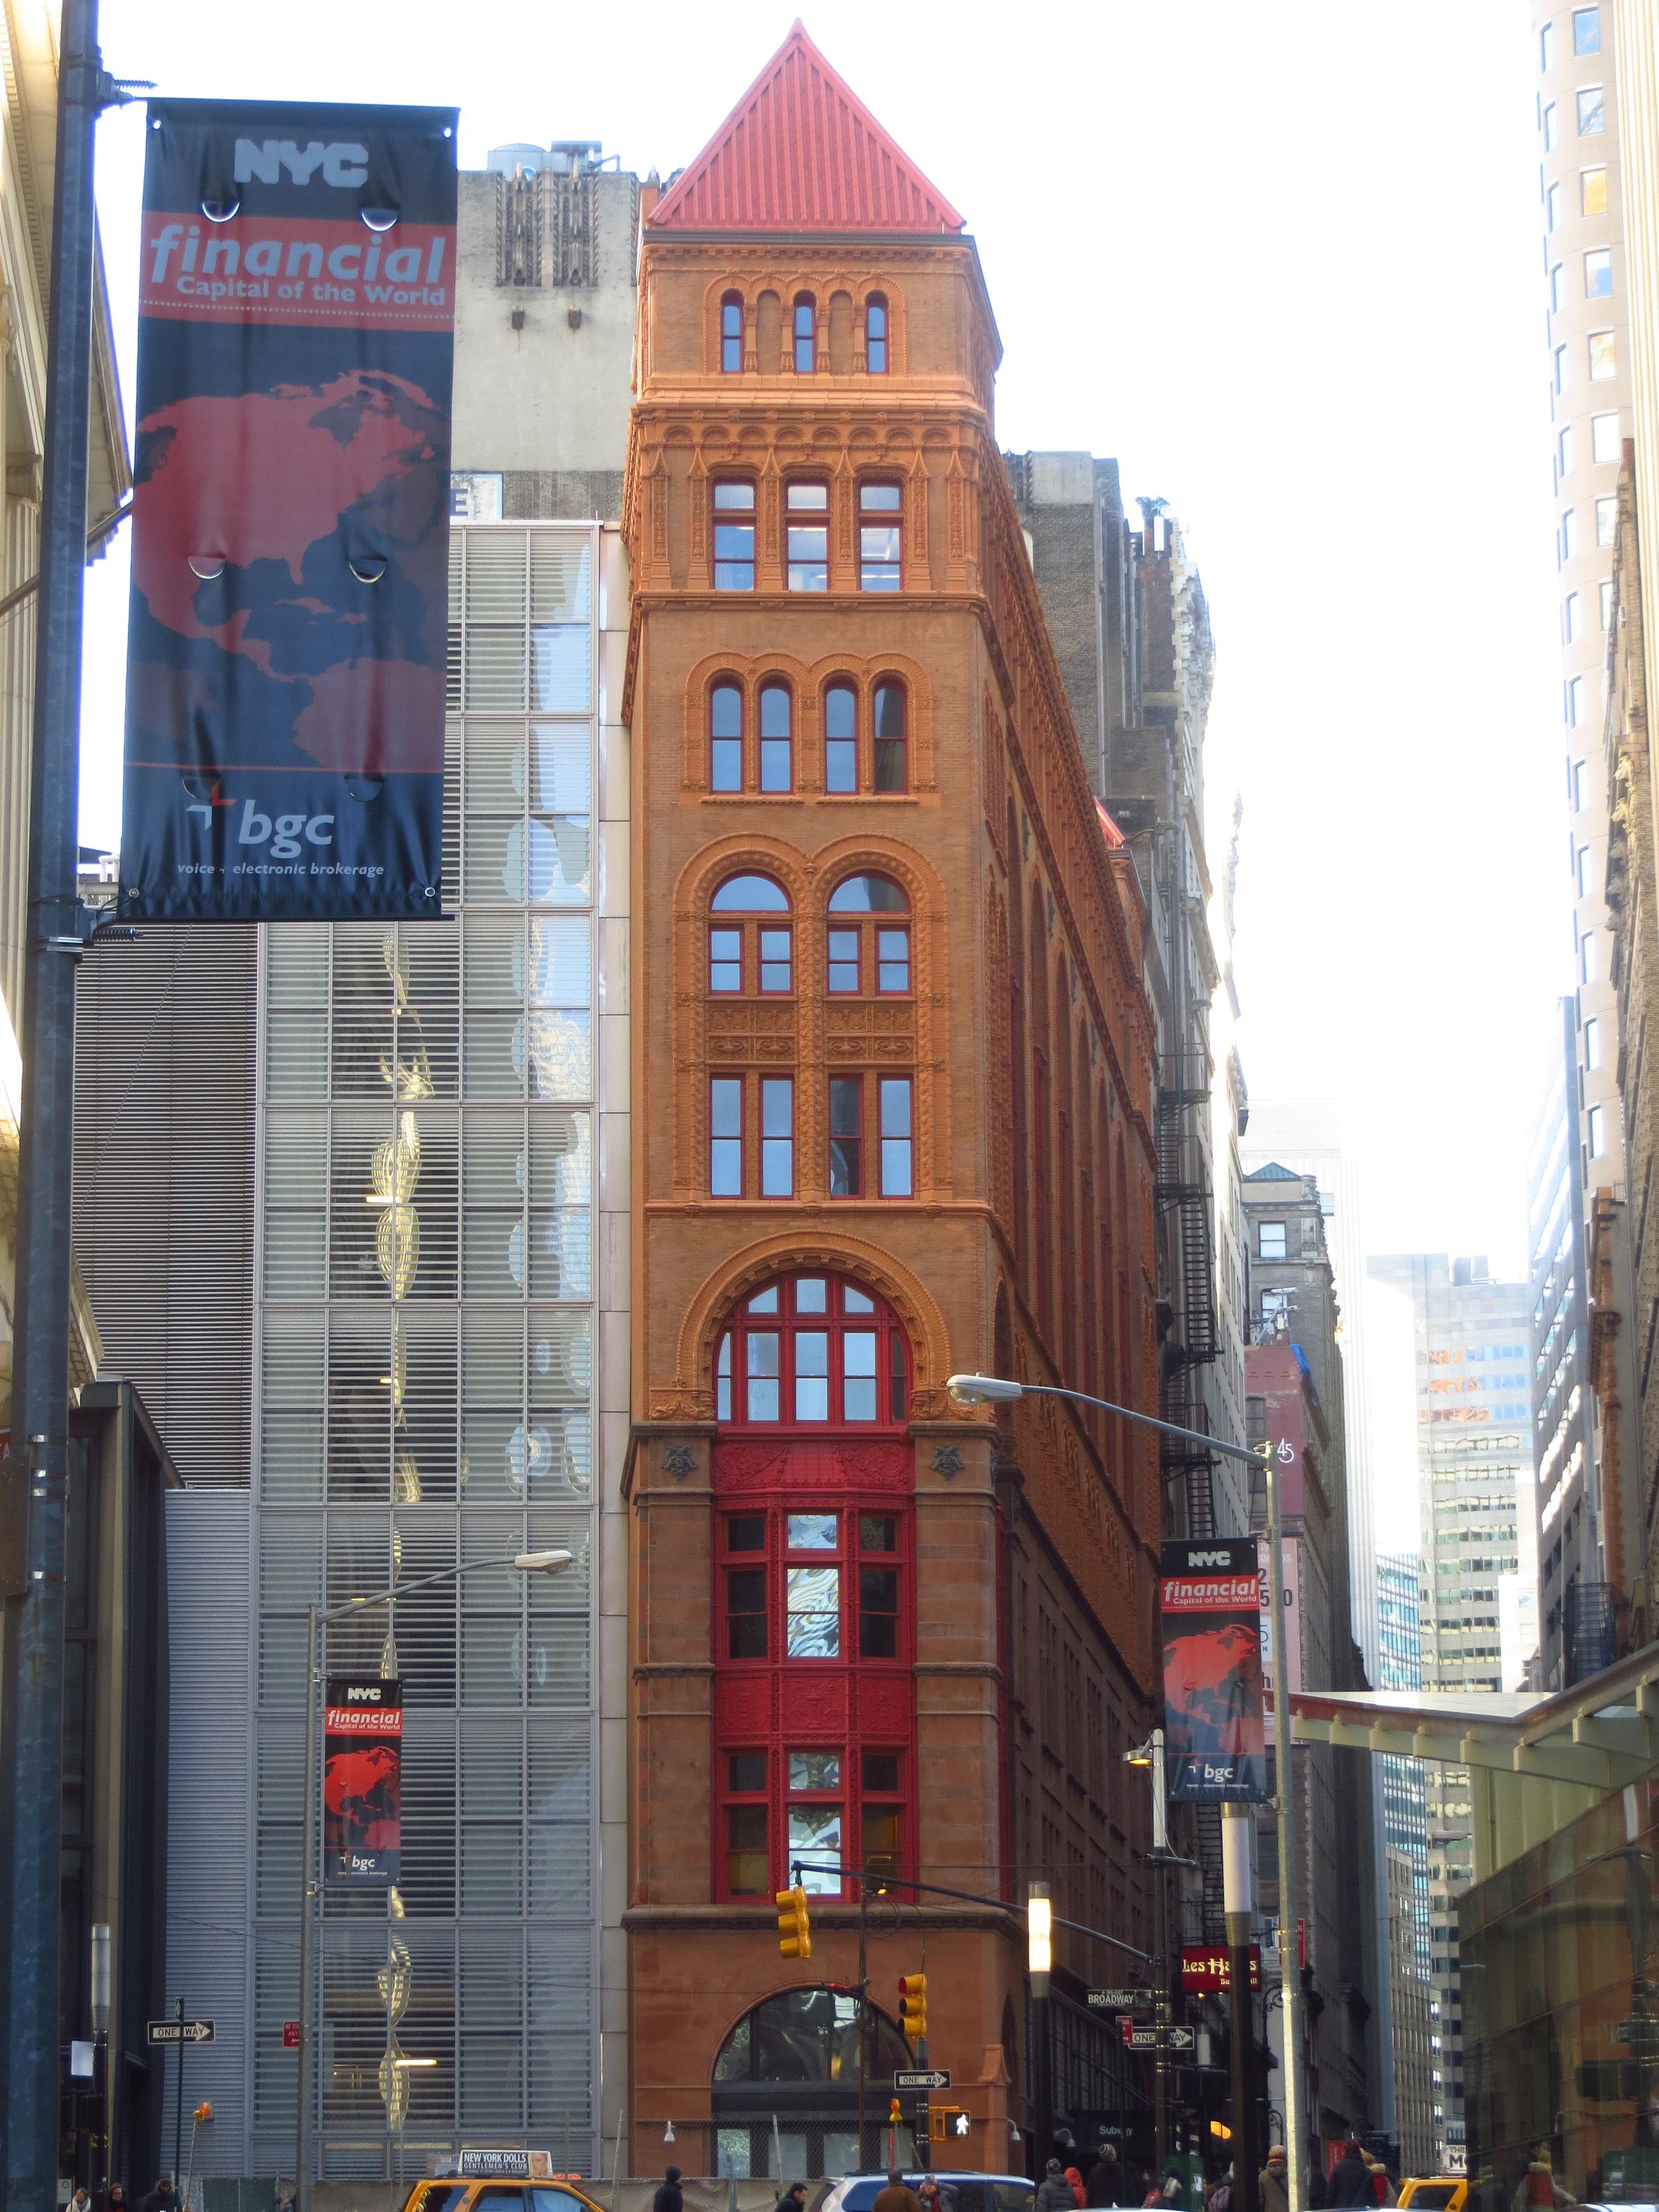 Corbin Building - front